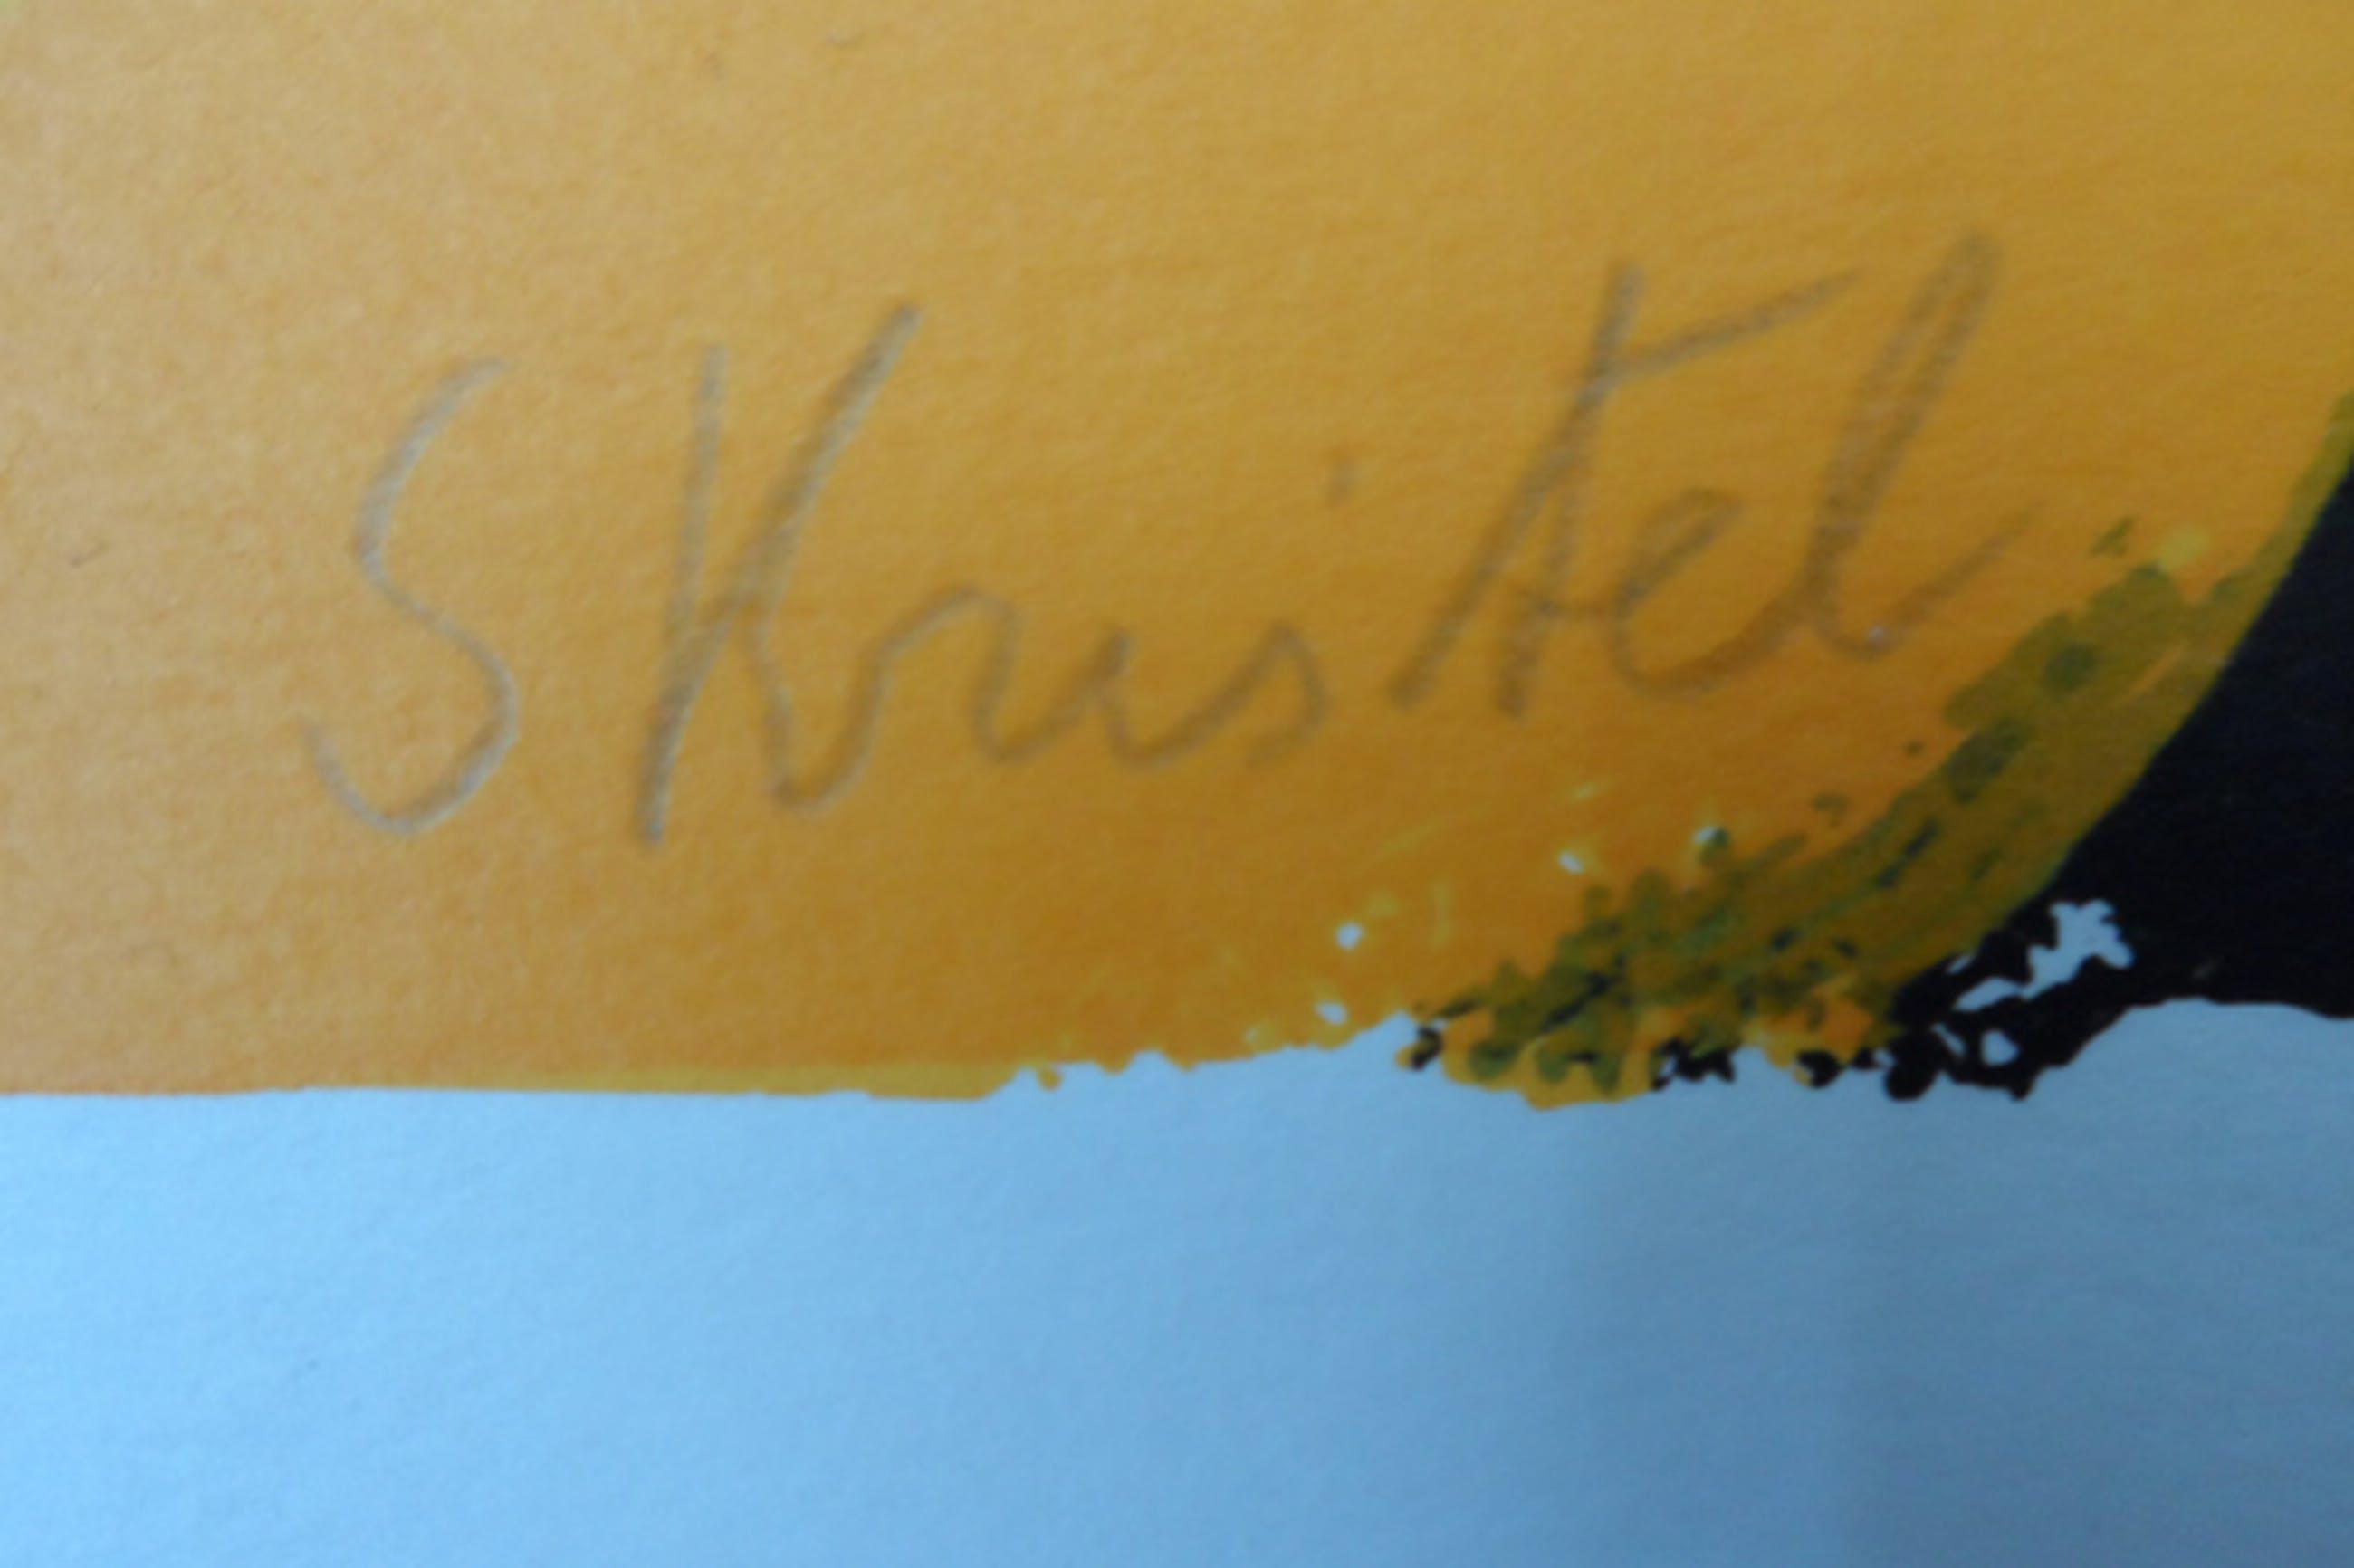 Sylvia Kristel - Zeefdruk handgesigneerd 199 / 250 -  kopen? Bied vanaf 45!